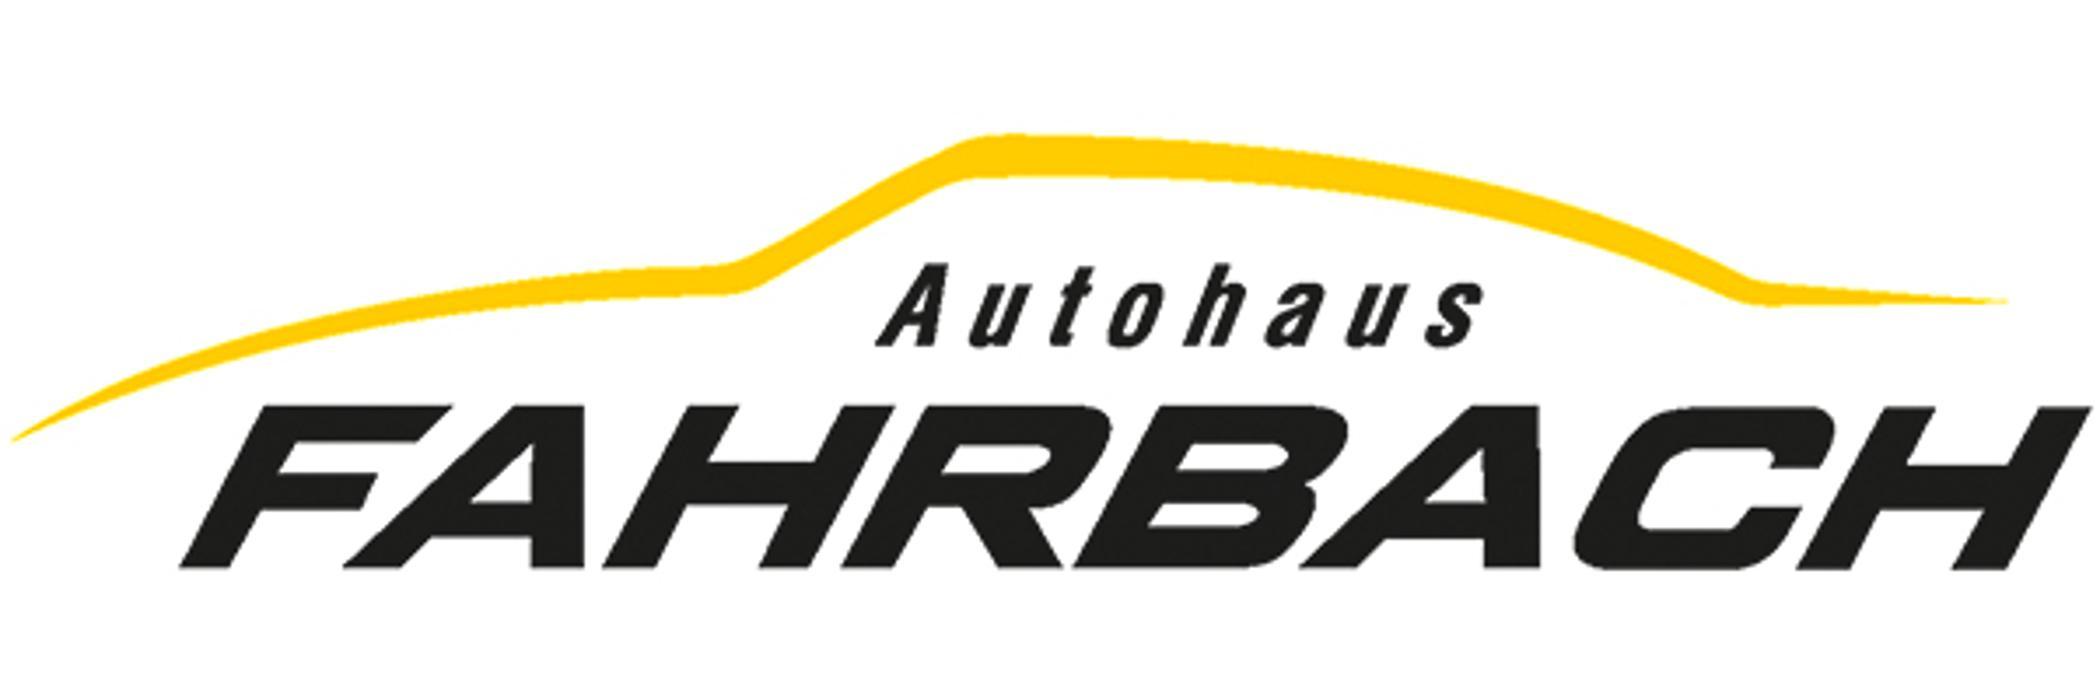 Bild zu Renault & Dacia - Autohaus Elmar Fahrbach e.K. in Bad Mergentheim